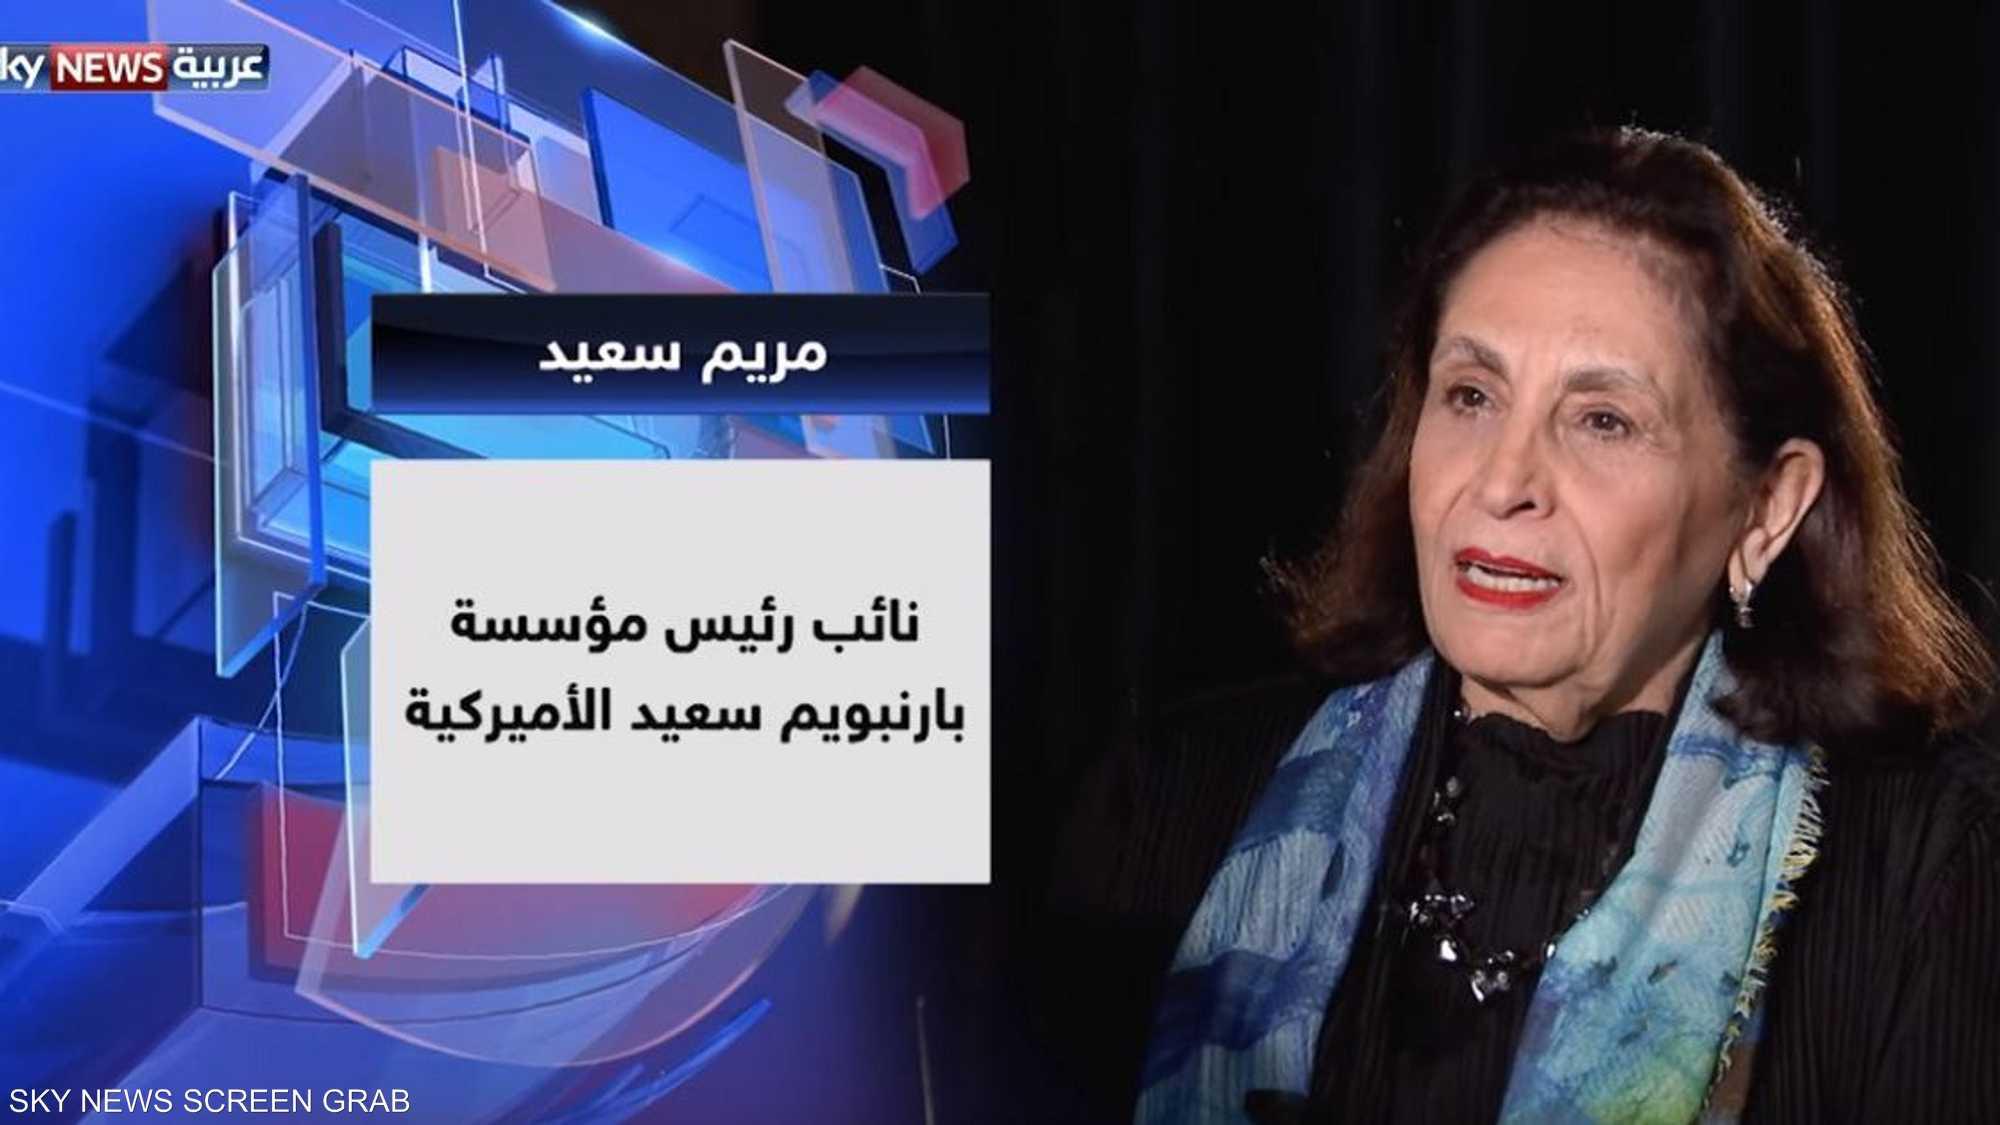 نائب رئيس مؤسسة بارنبويم سعيد مريم سعيد في حديث العرب